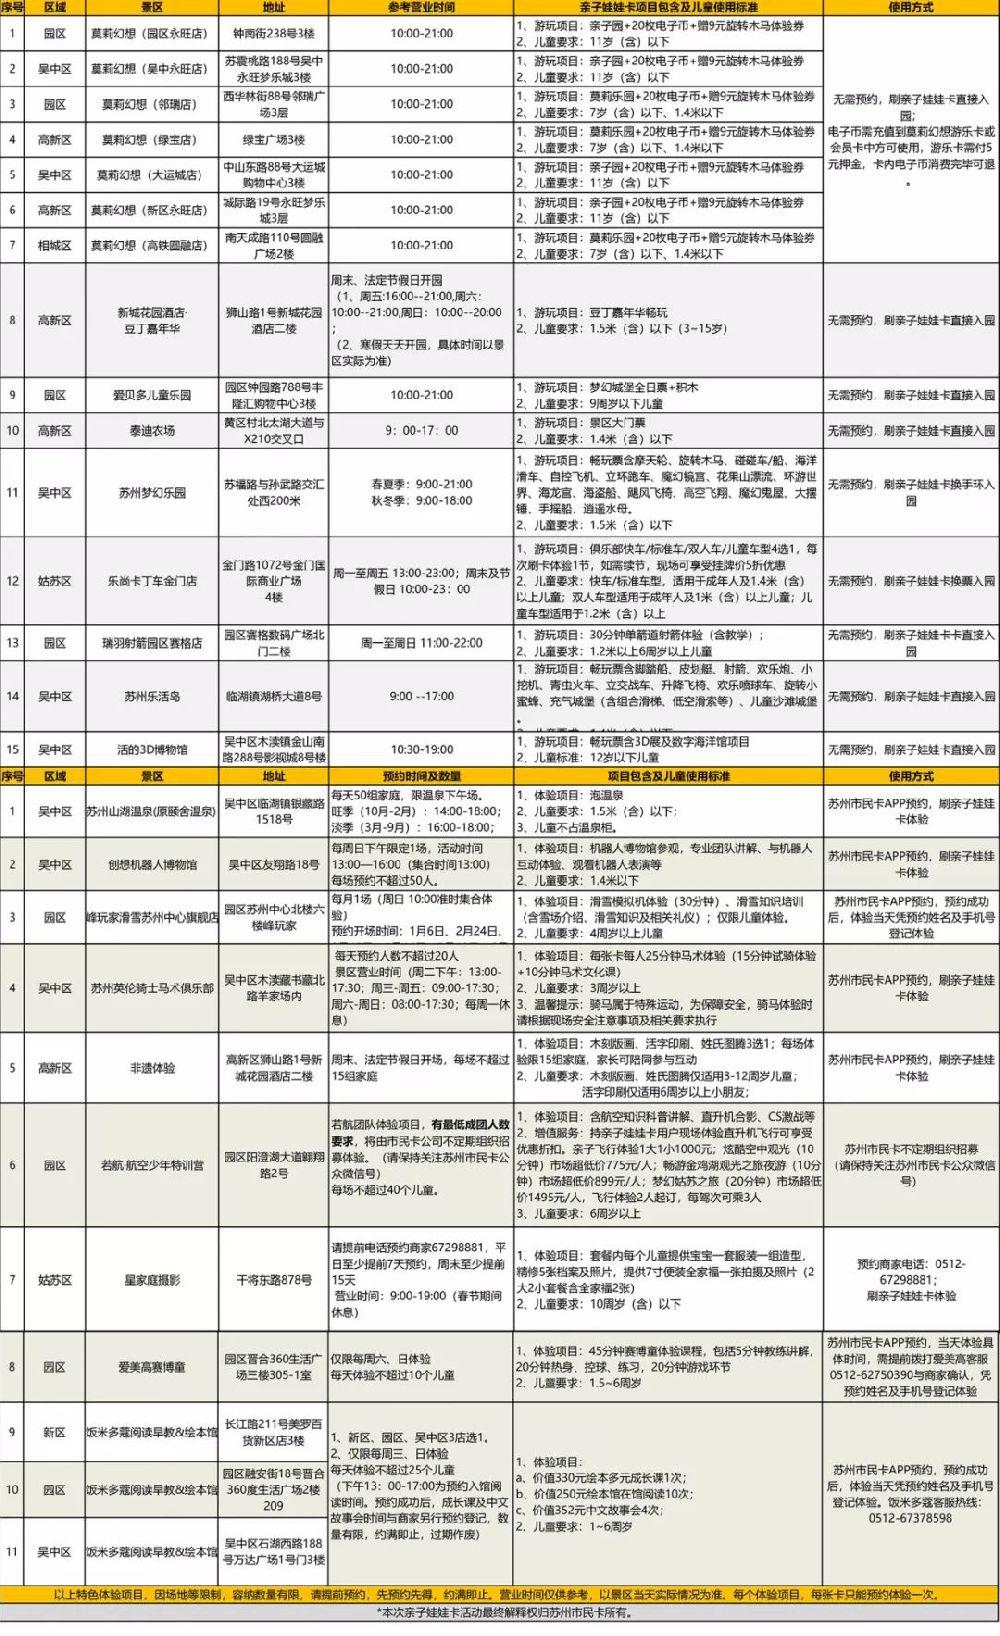 第5期苏州通•亲子娃娃卡办理公告(2018年12月)